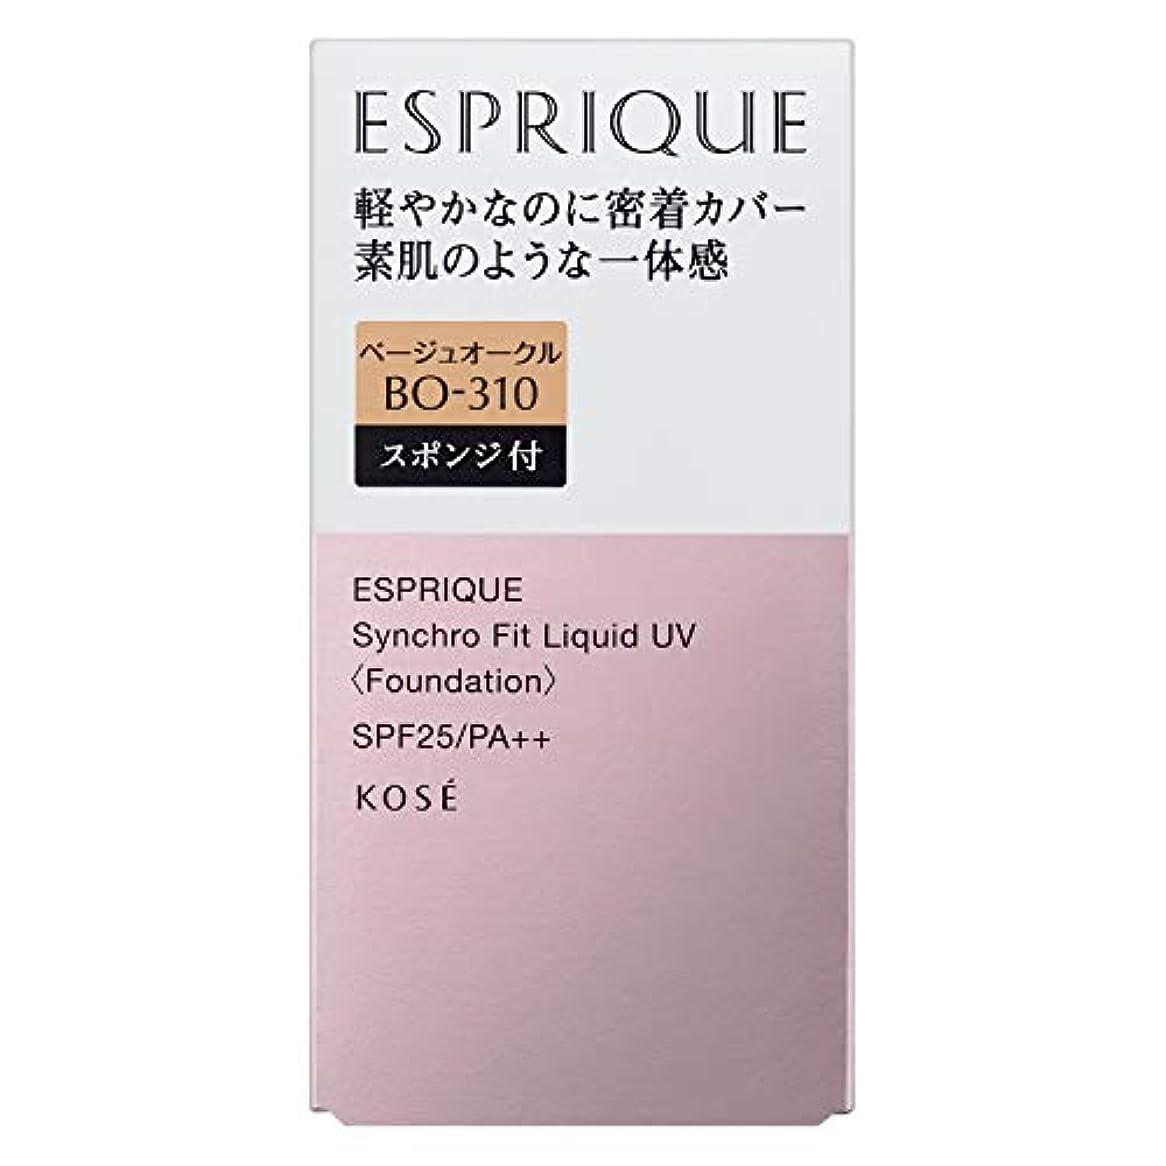 溝リビングルーム母ESPRIQUE(エスプリーク) エスプリーク シンクロフィット リキッド UV ファンデーション 無香料 BO-310 ベージュオークル 30g